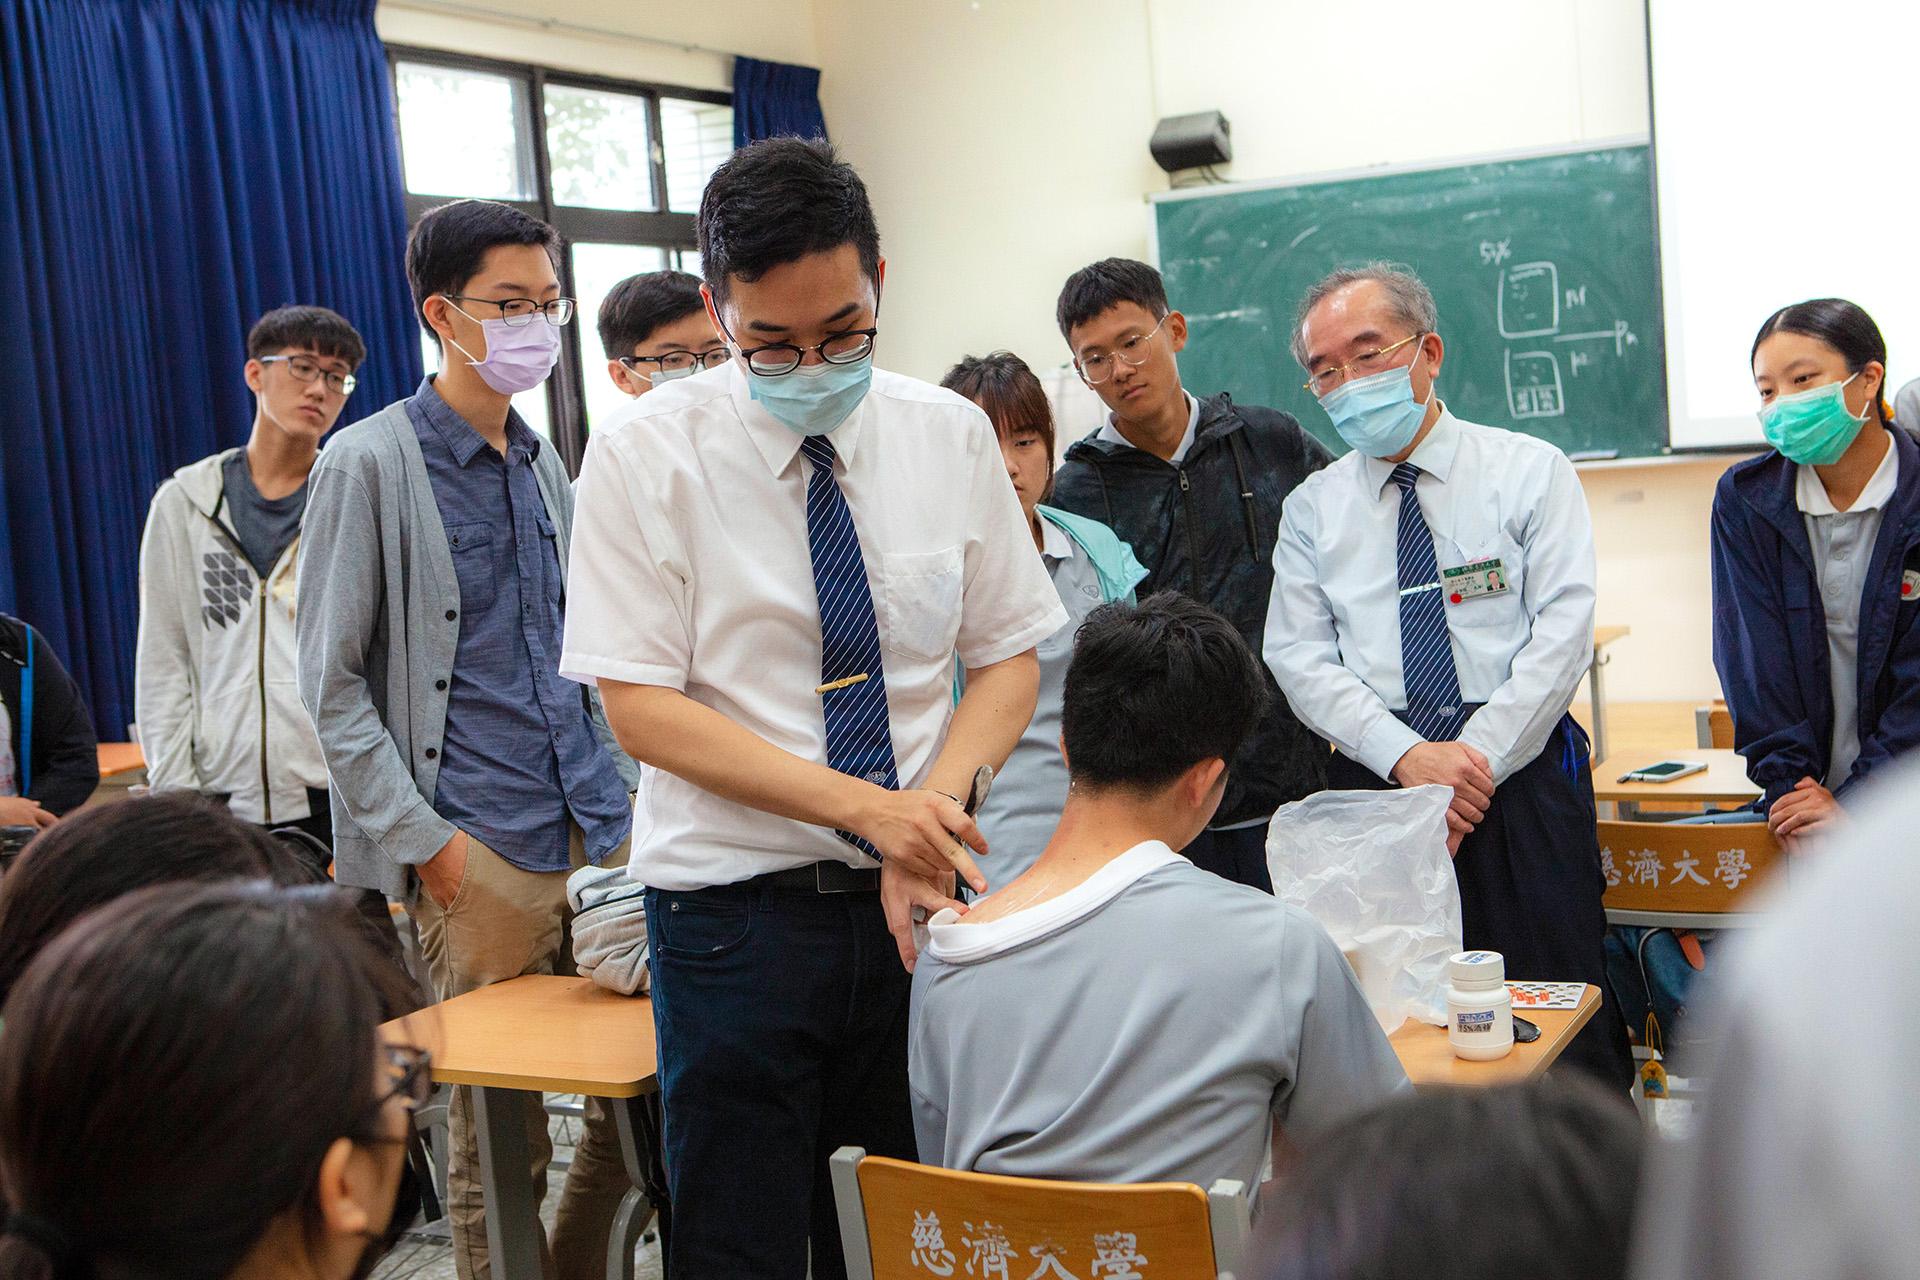 龔彥綸醫師示範「刮痧」操作方法